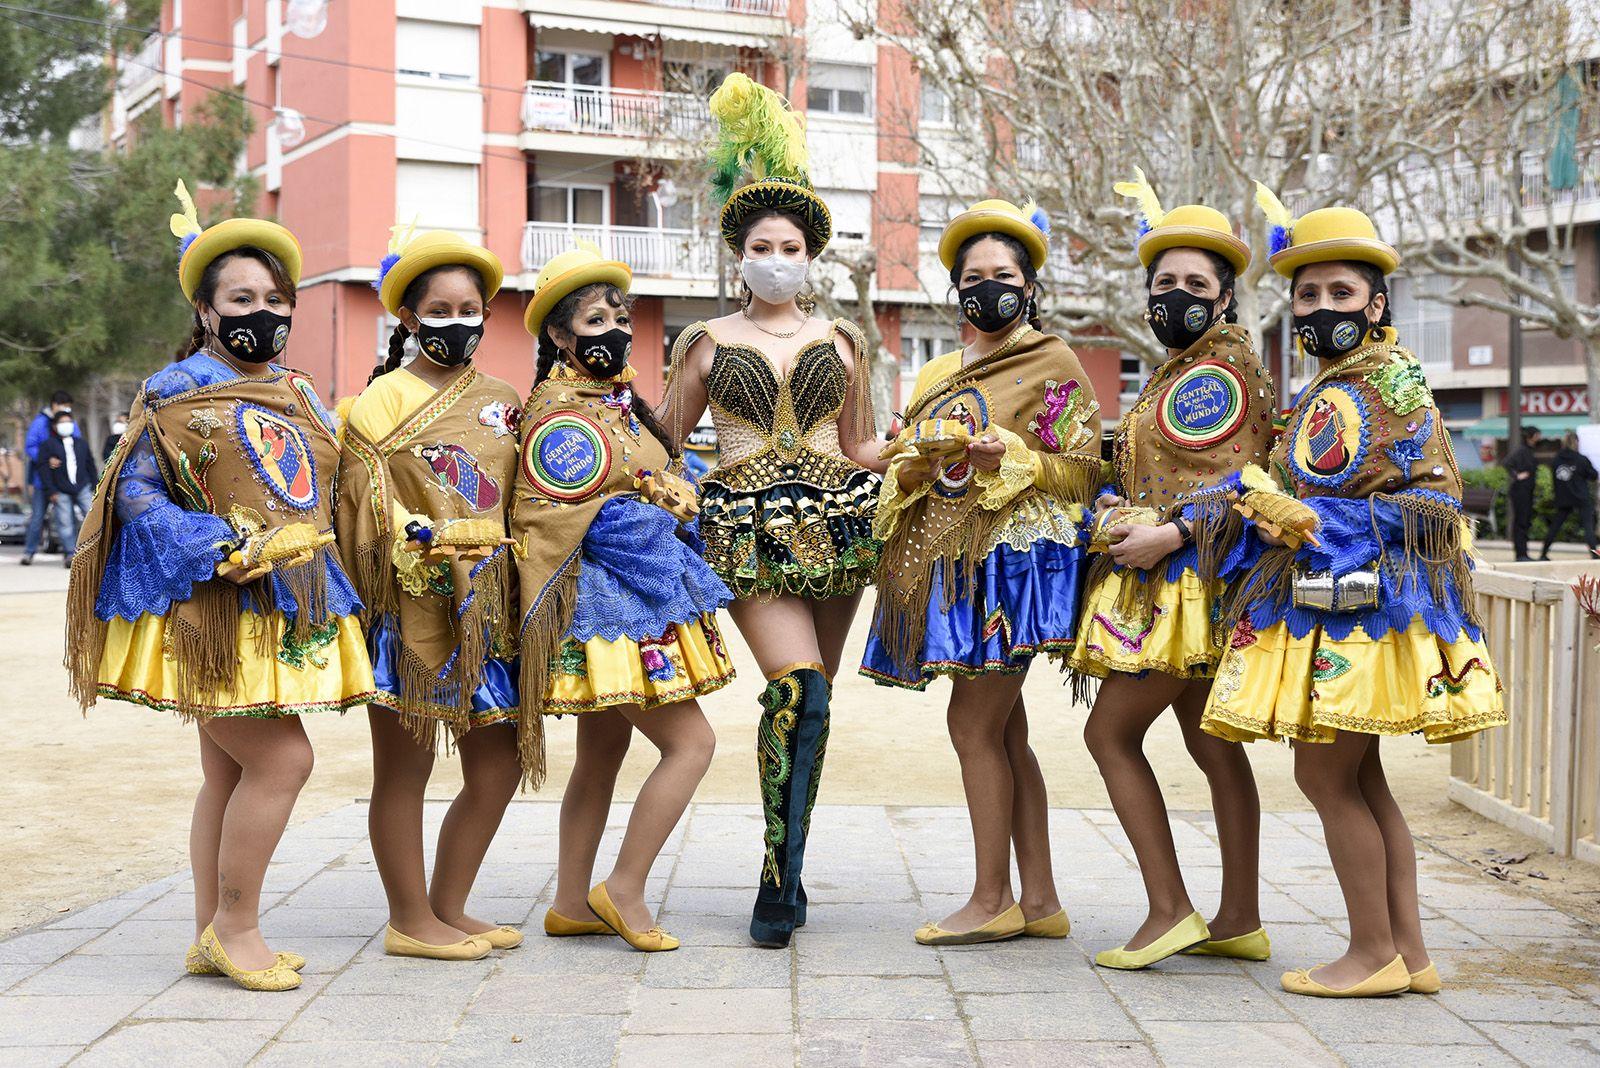 Taller de danses Bolivianes amb l'Associació folklòrica i cultural caporales La Fraternidad. Comitè 8M Sant Cugat. Foto: Bernat Millet